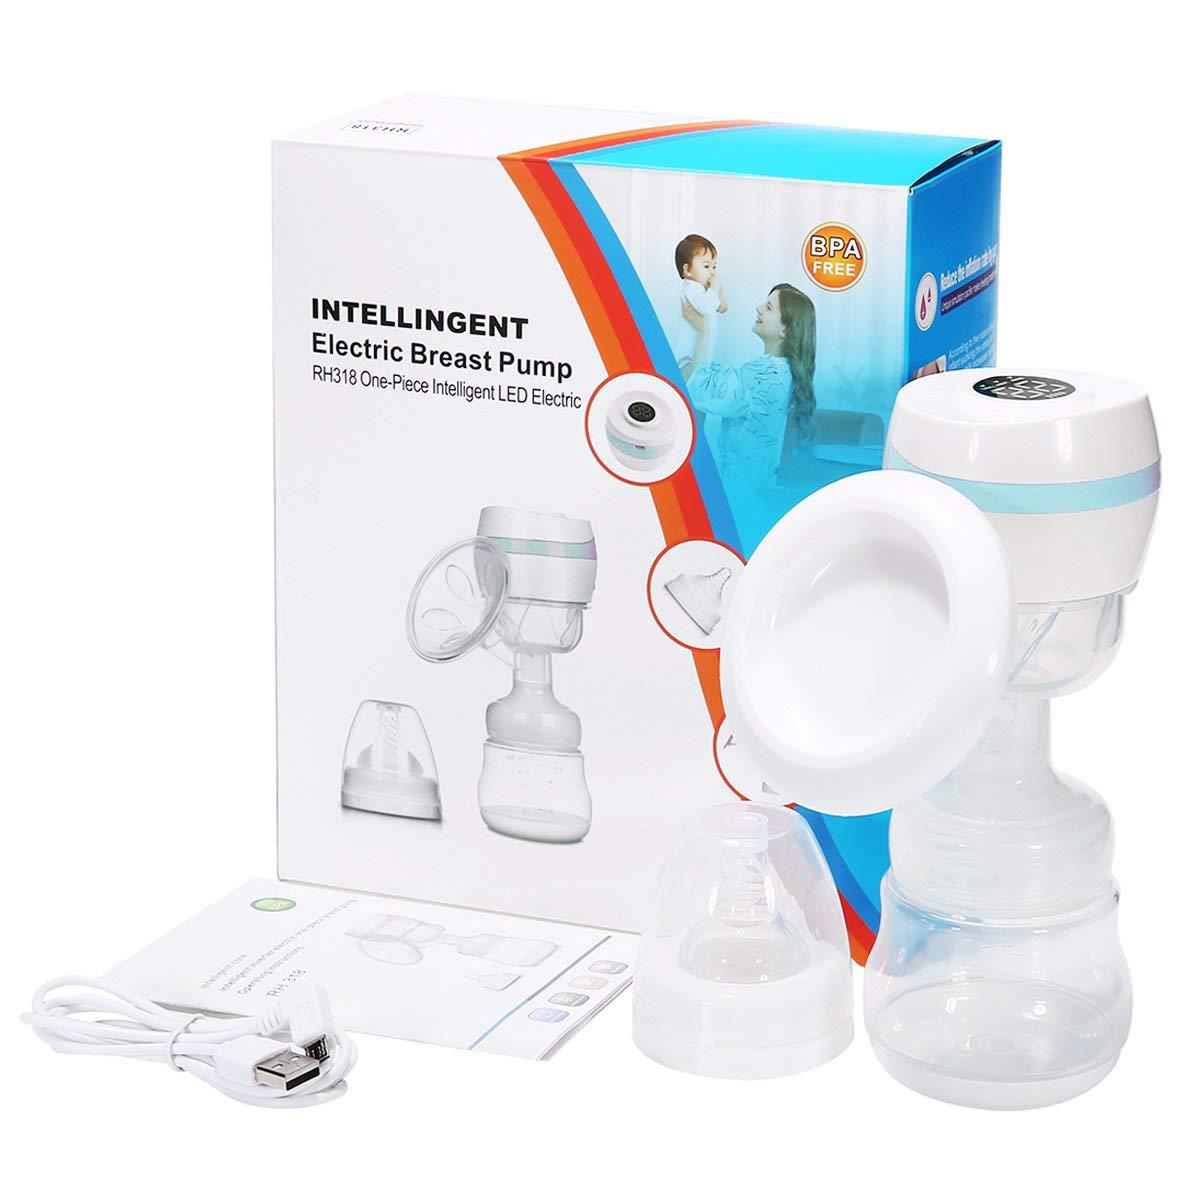 Sterilisierbar Alles-in-einem Design mit Einstellbarem Massage /& Saugniveau und R/ückflussschutz Tragbar USB Wiederaufladbar Tragbar Elektrische Milchpumpe Einzel Brustpumpe BPA-frei